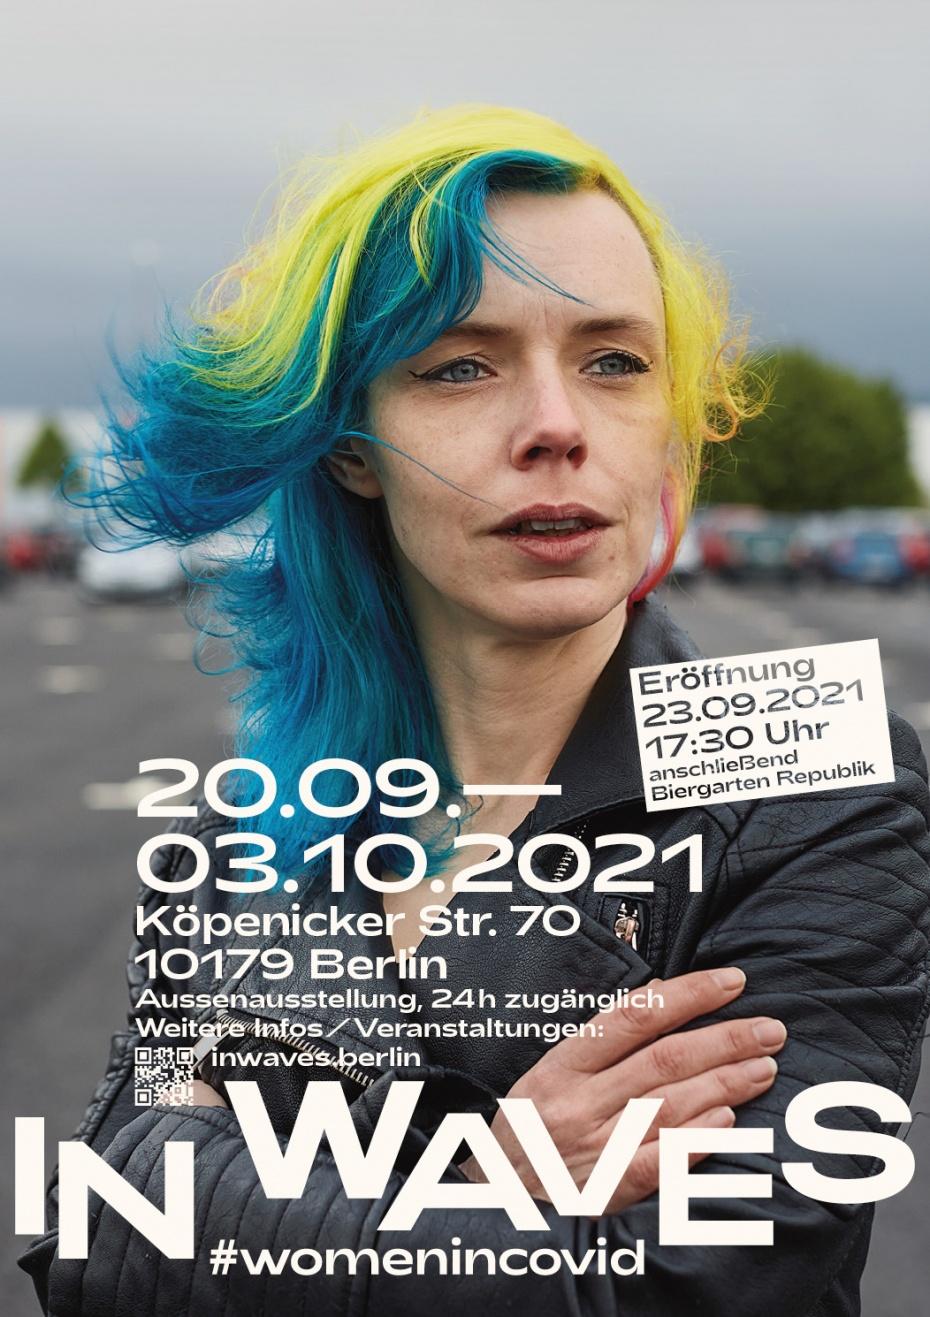 Außenausstellung 24 Fotografinnen vom 20.09.2021 - 03.10.2021 in Berlin